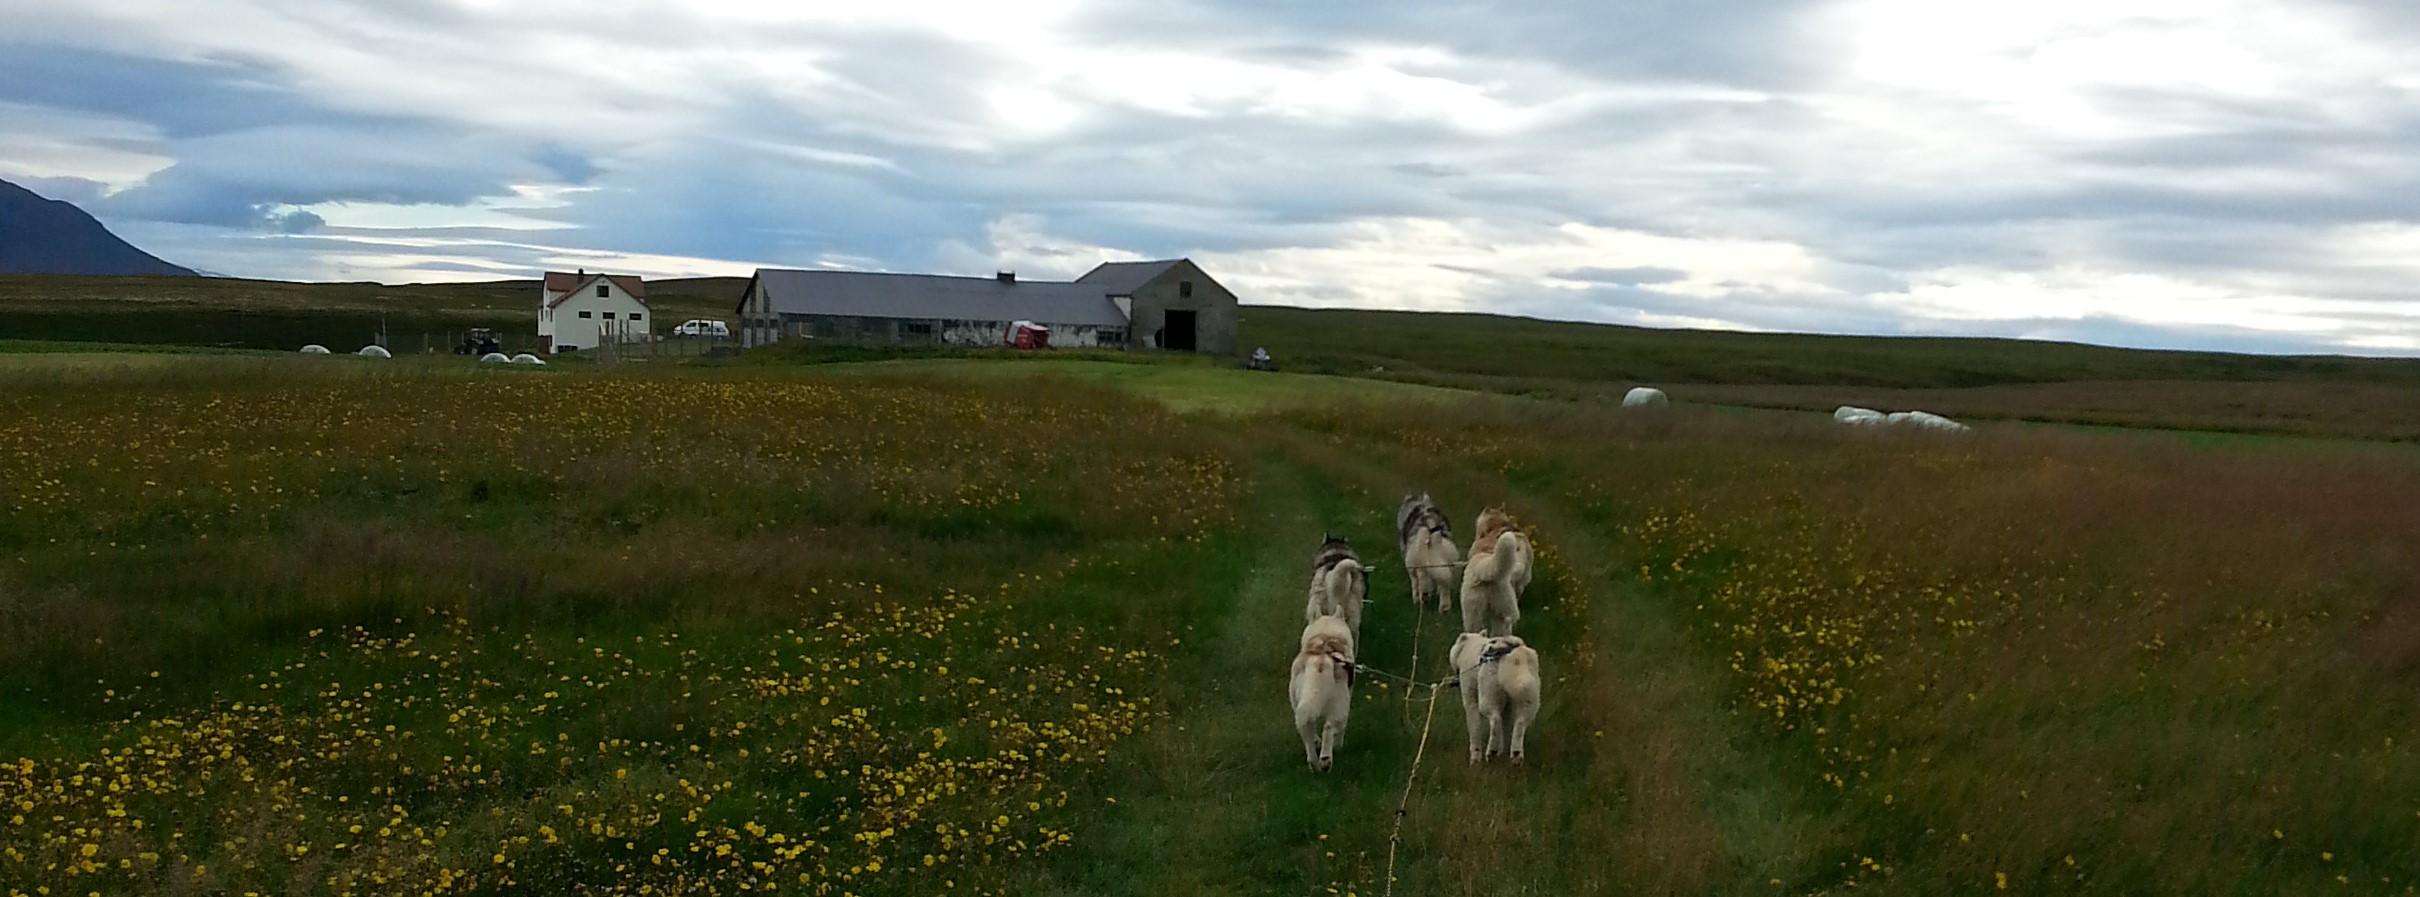 Drøn hen over landbrugsjorder nær søen Mývatn på en hundevognstur.